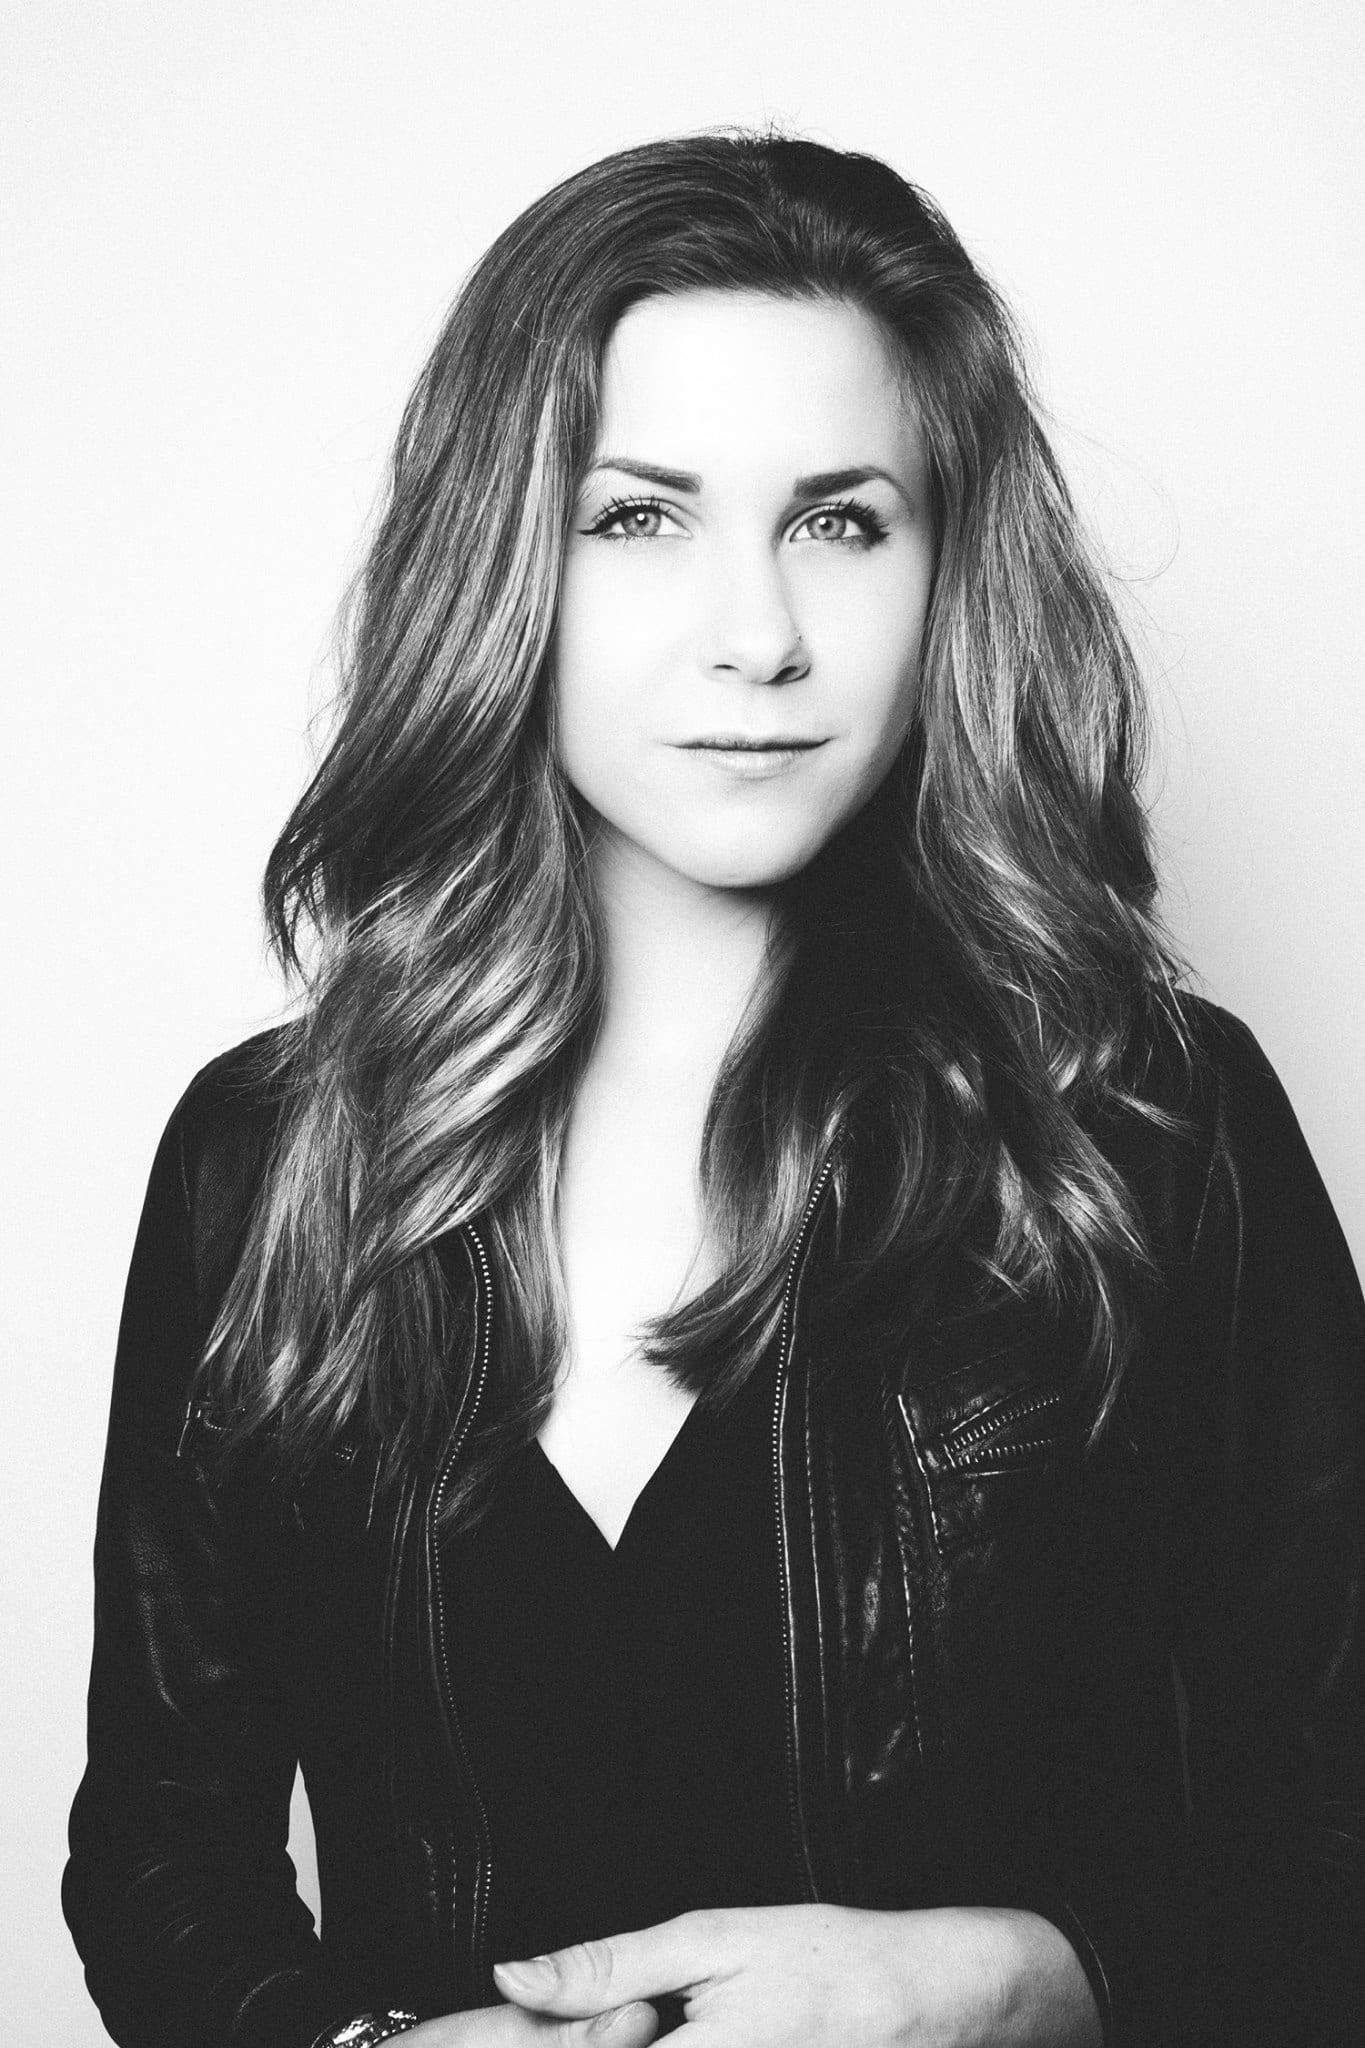 Sarah Blesener NGO Photographers Alliance